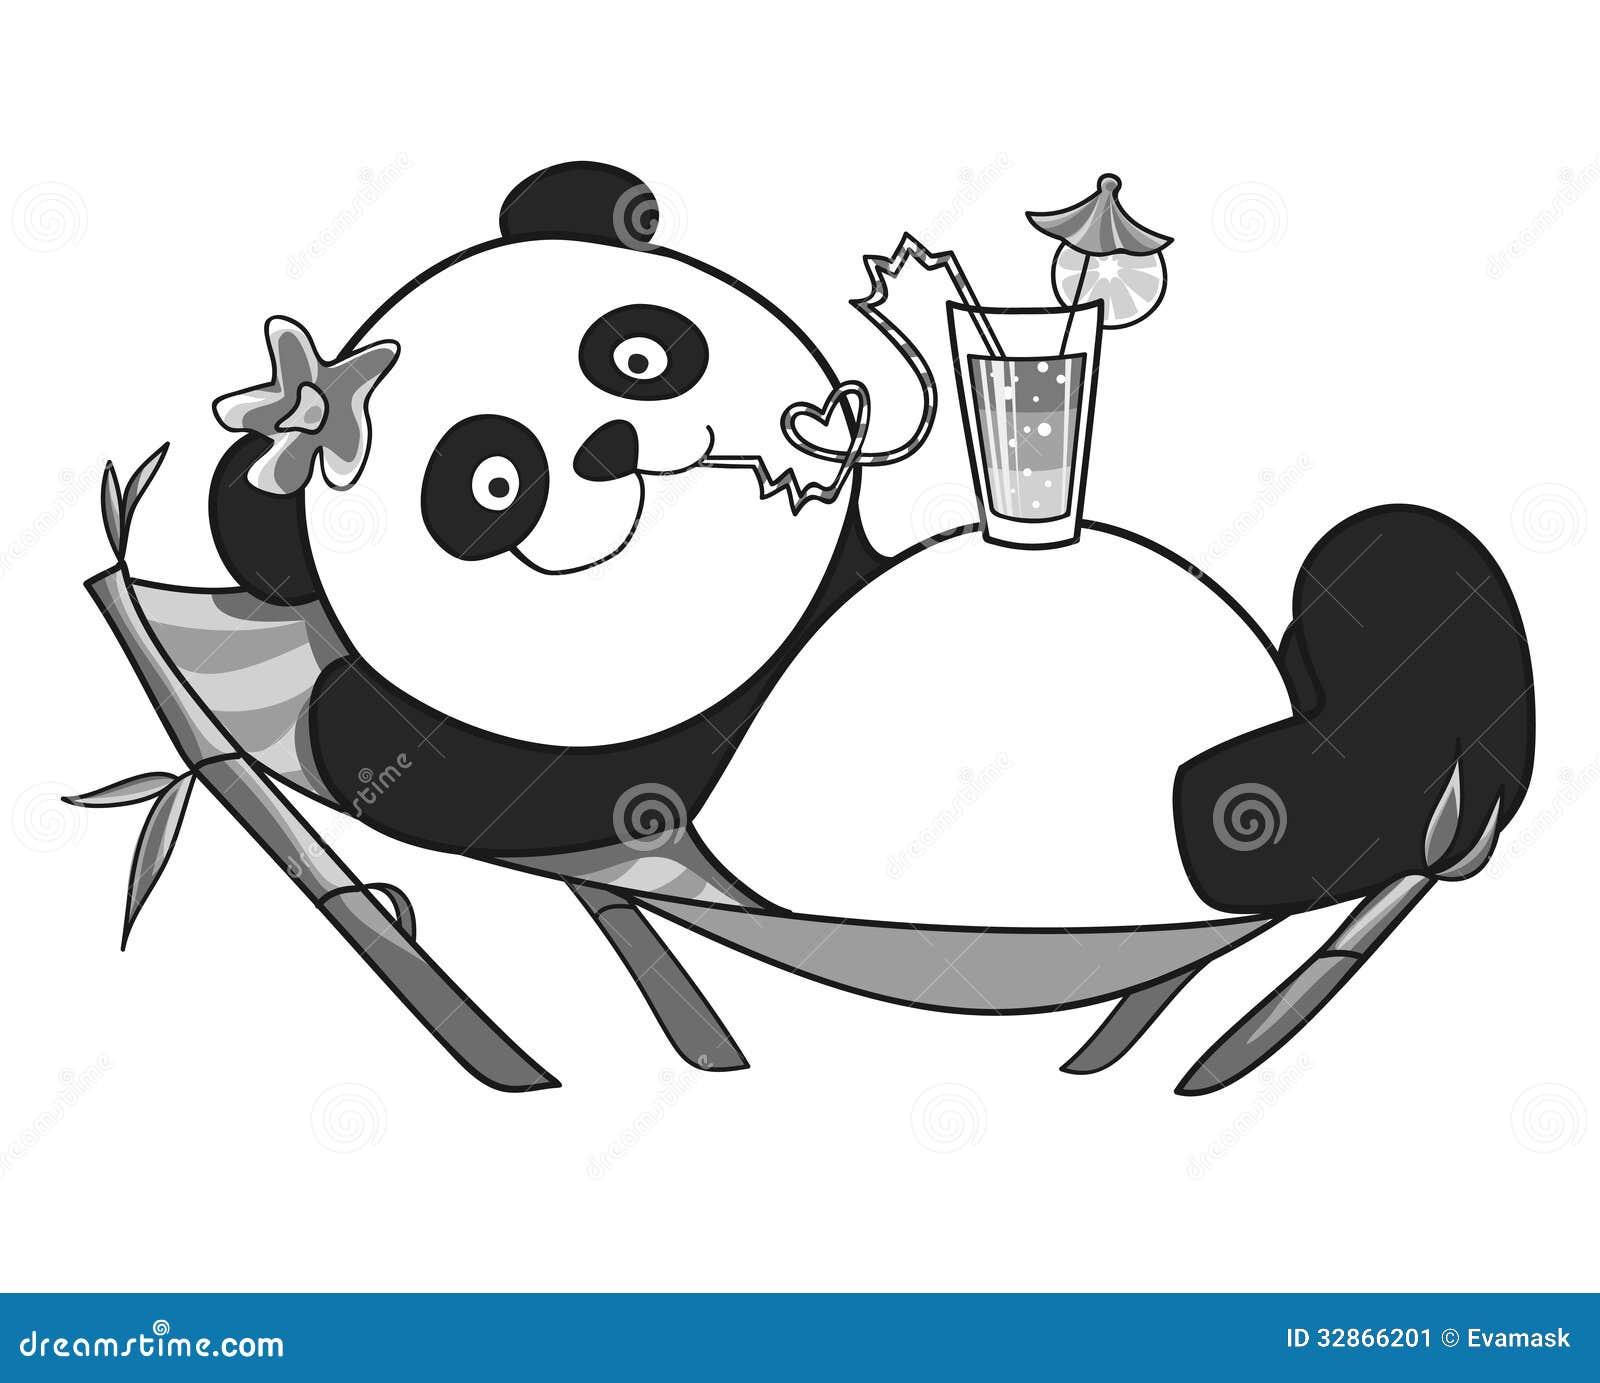 Panda Che Riposa Su Una Chaise lounge Del Sole Immagine Stock Immagine